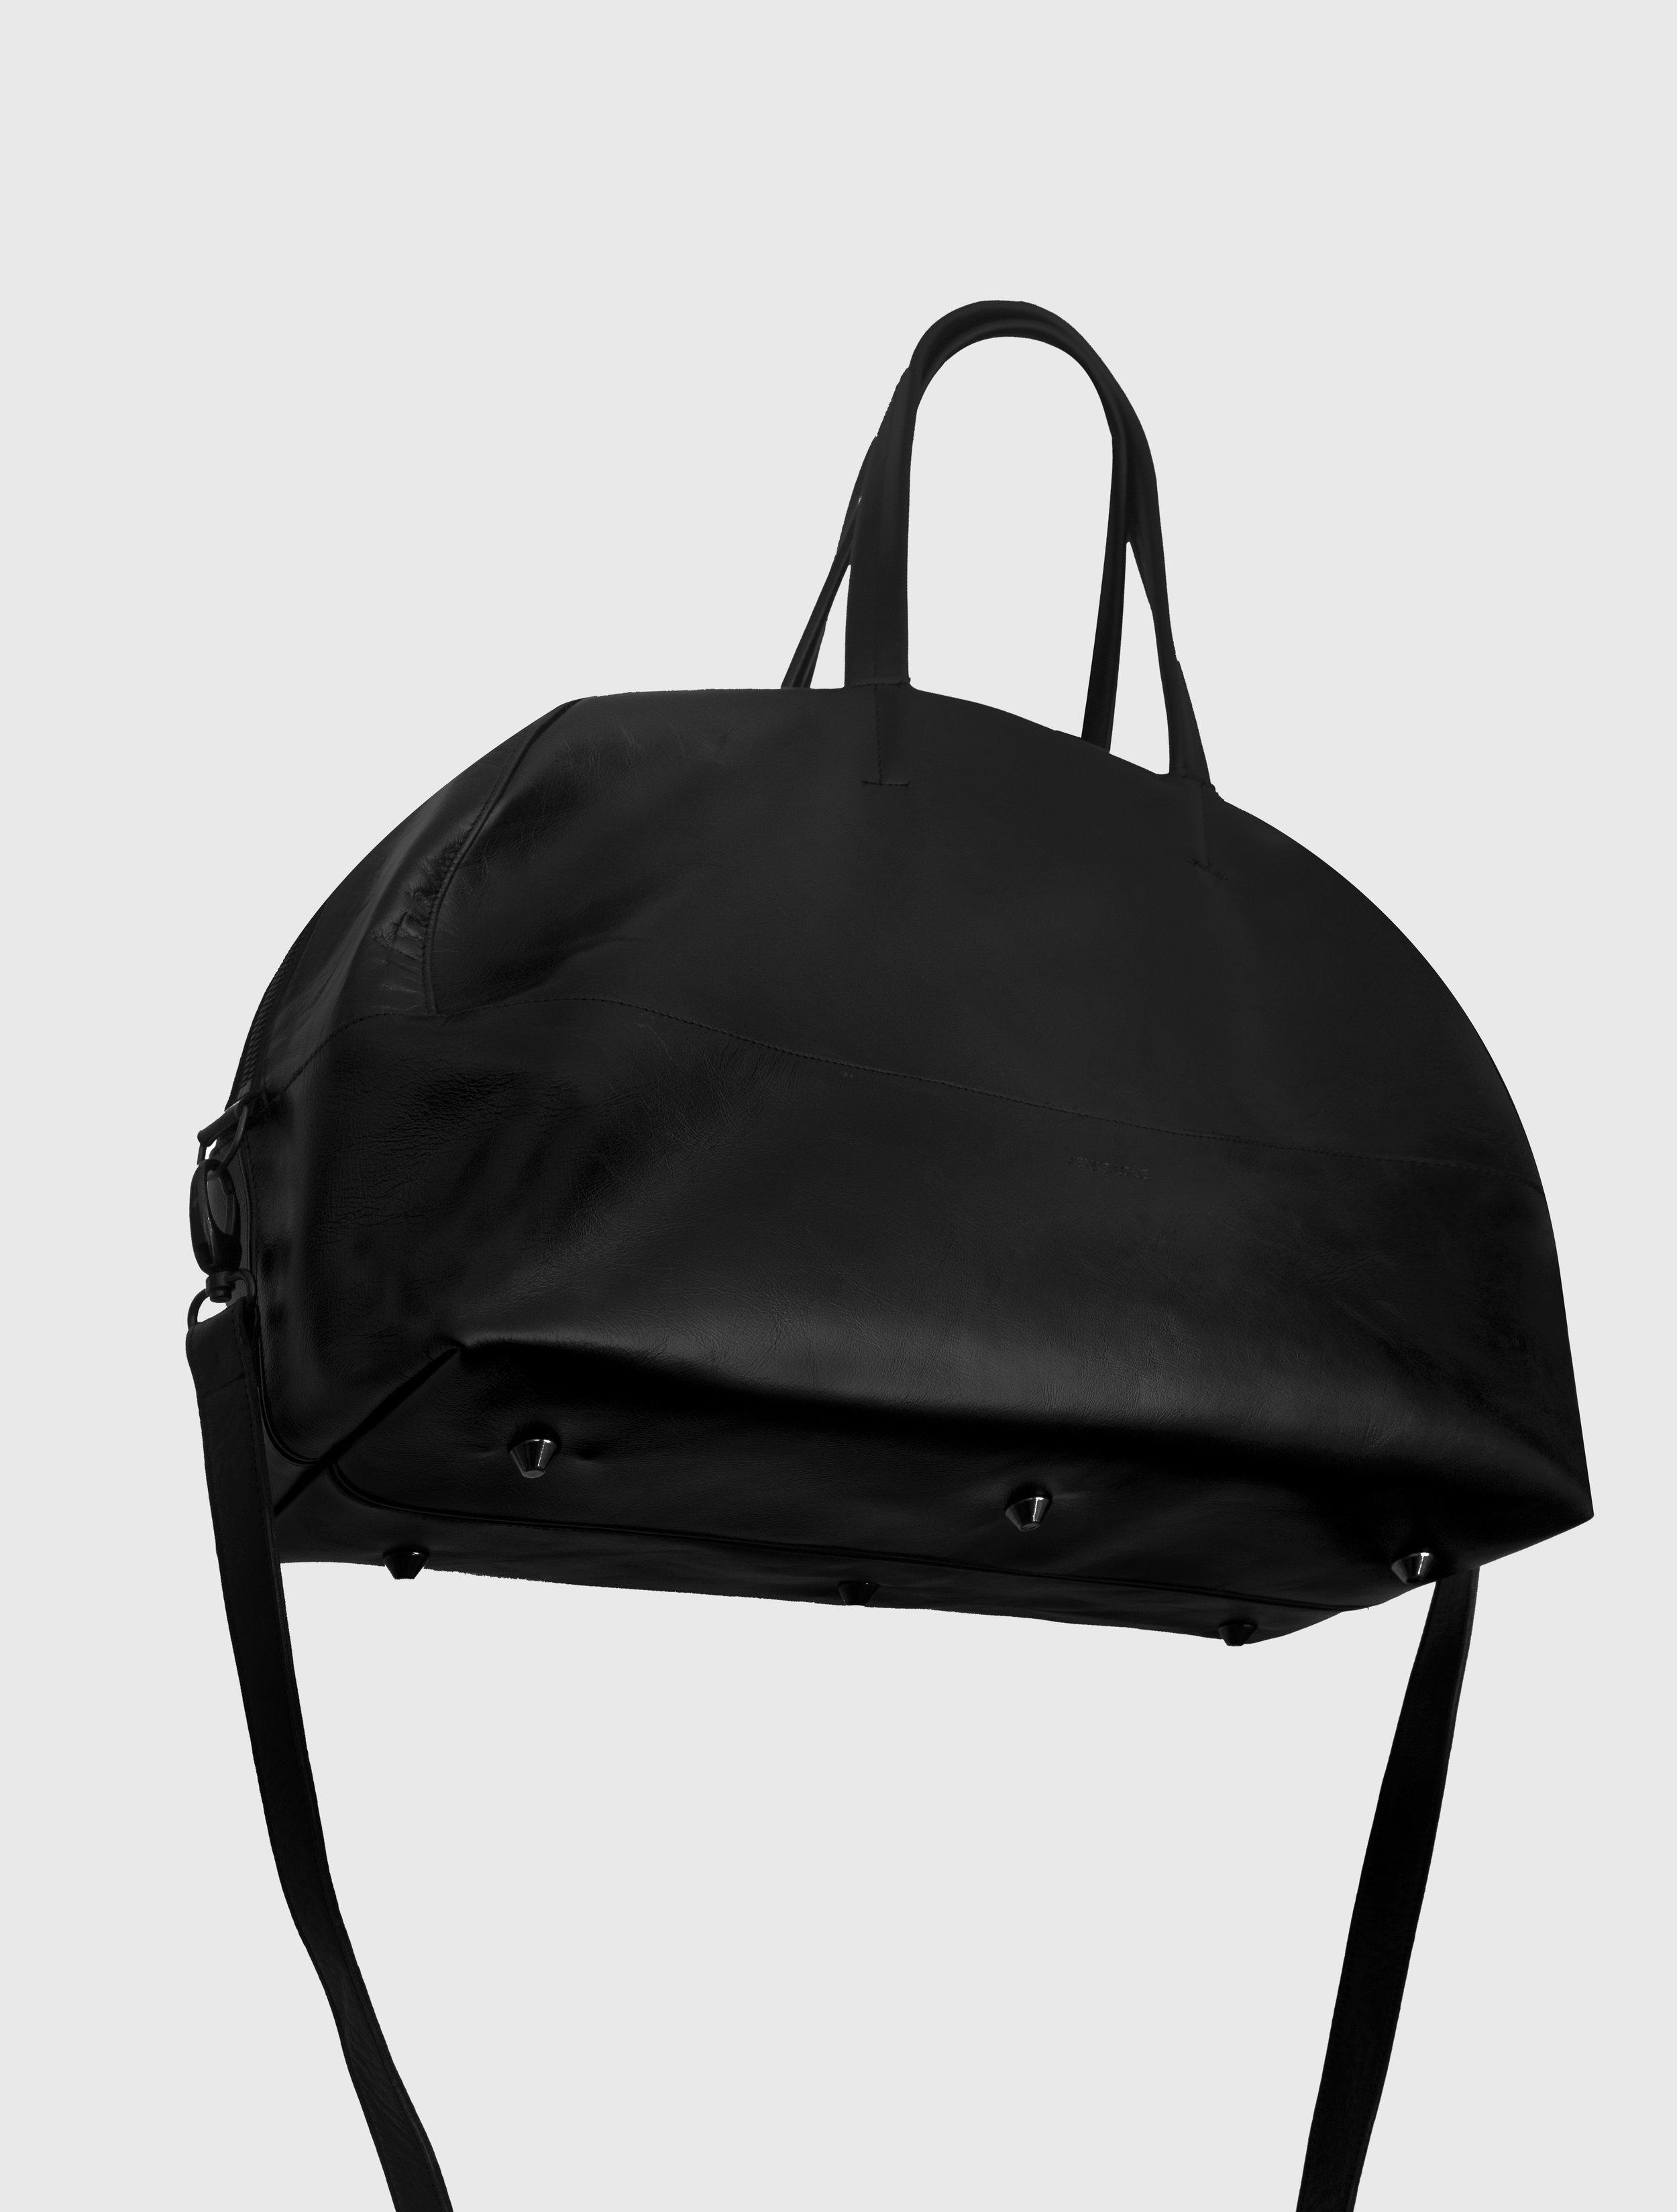 ARCHED BAG1.jpg